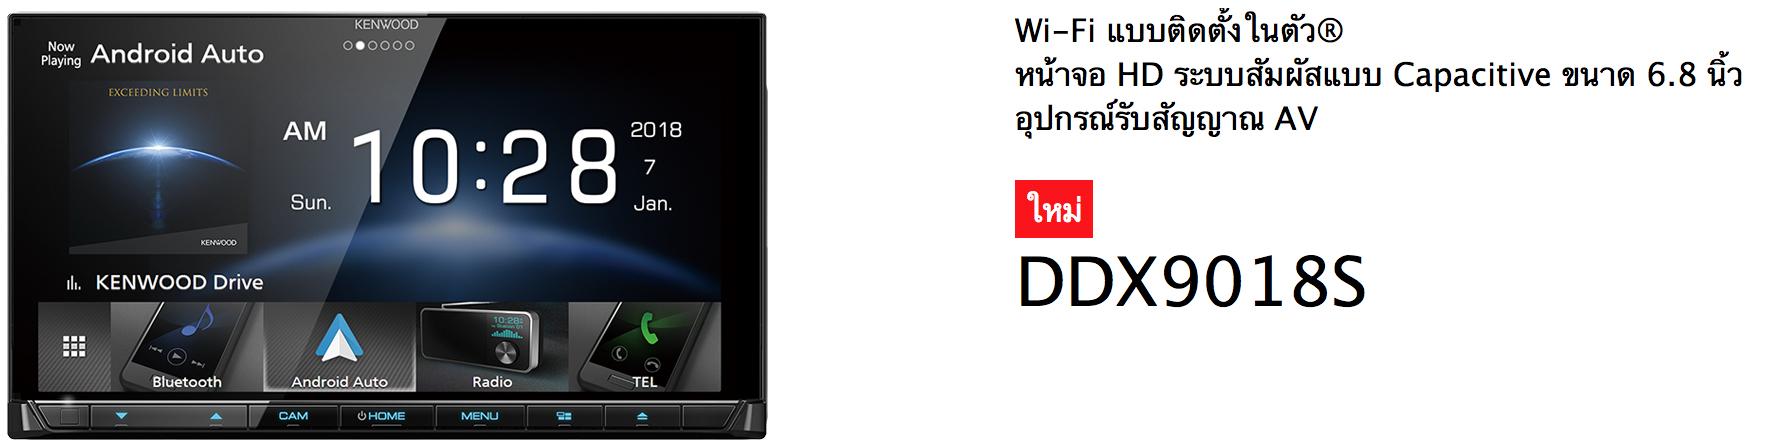 ทีวี KENWOOD DDX9018WS ราคา